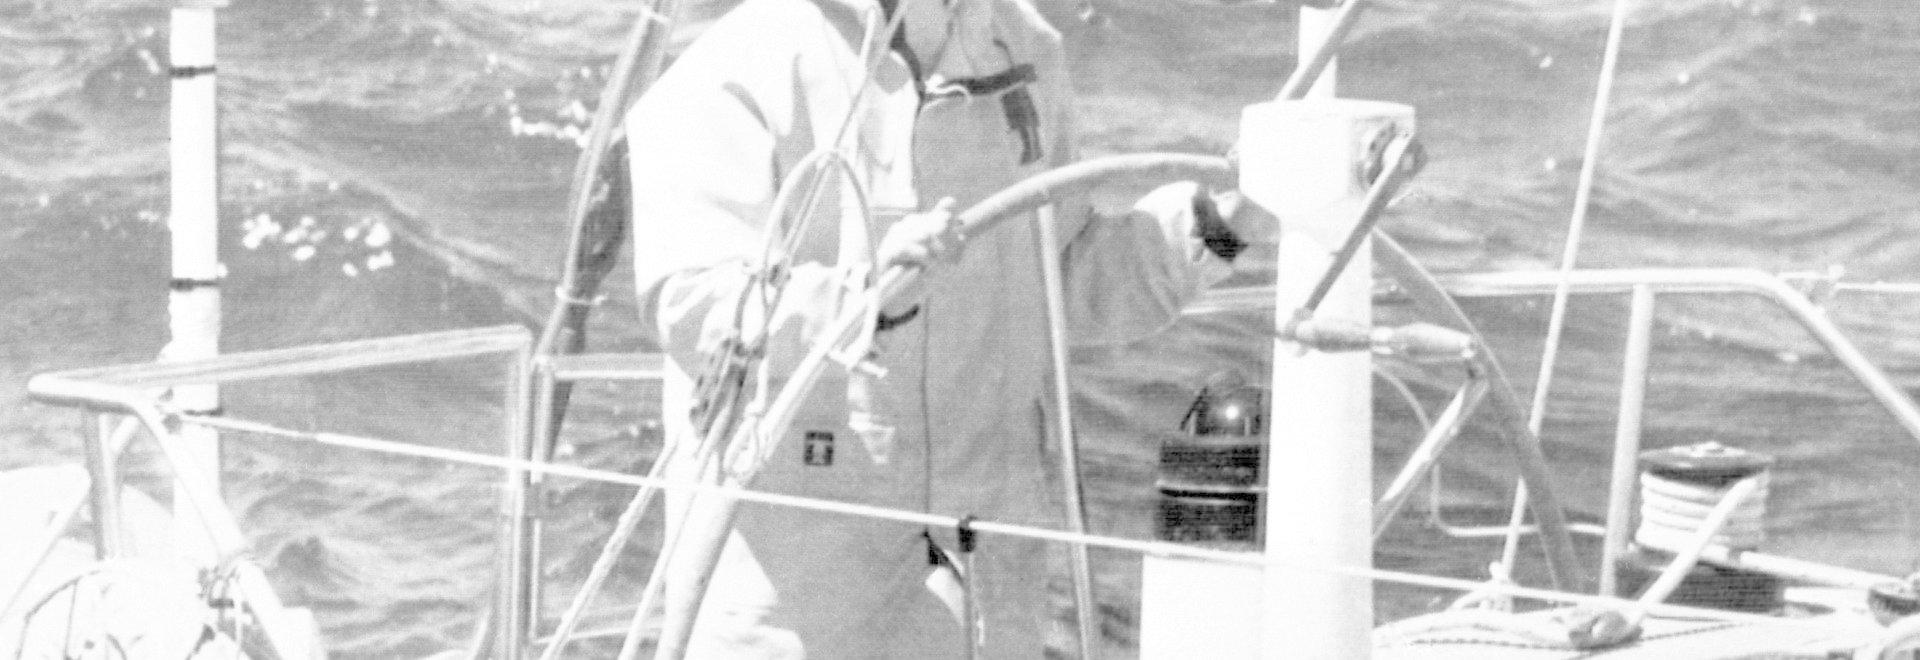 Florence Arthaud, marin solo célèbre, meurt à 57 dans l'accident d'hélicoptère